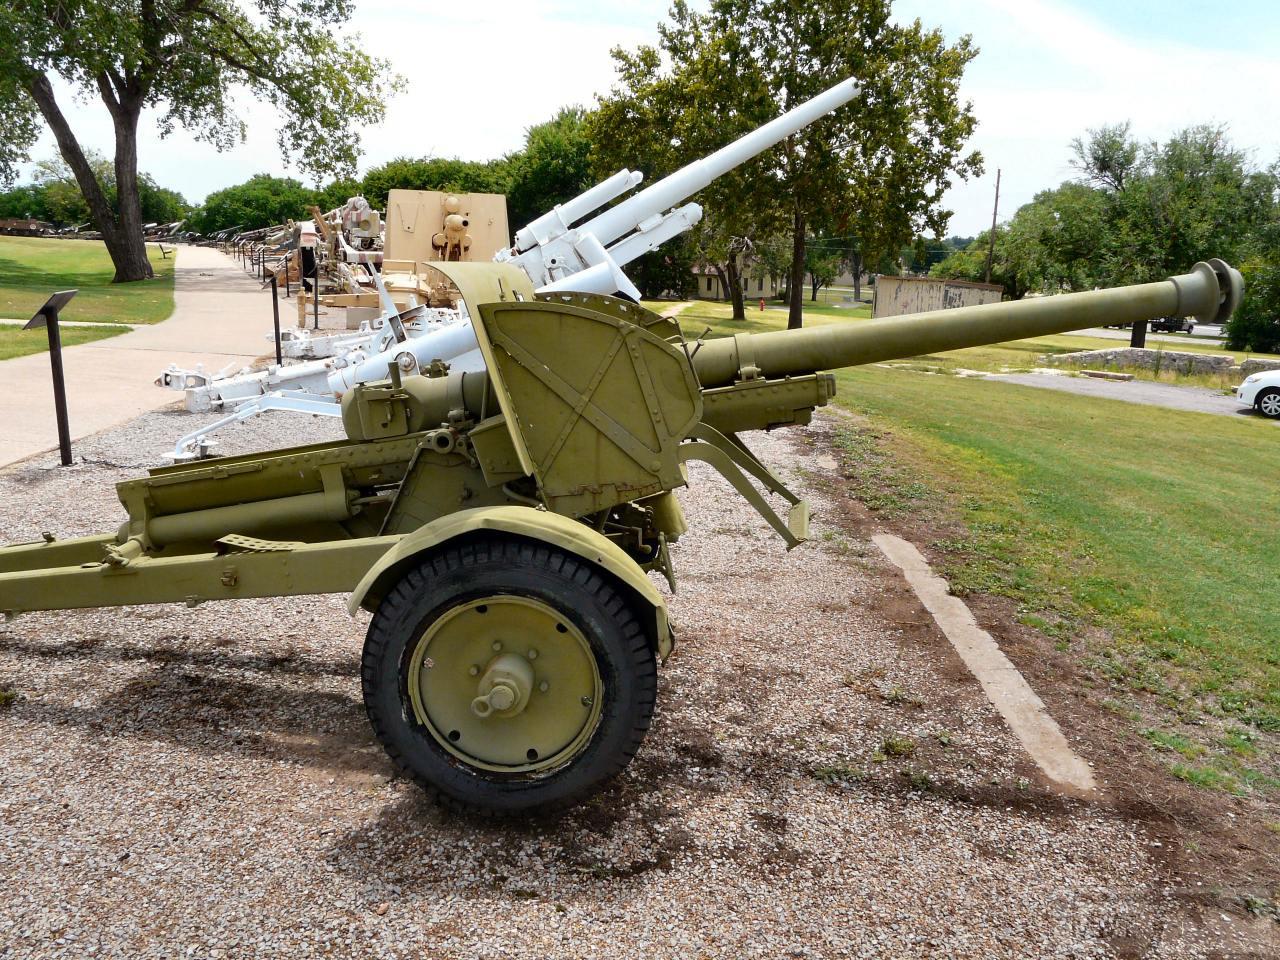 103968 - Японская артиллерия второй мировой